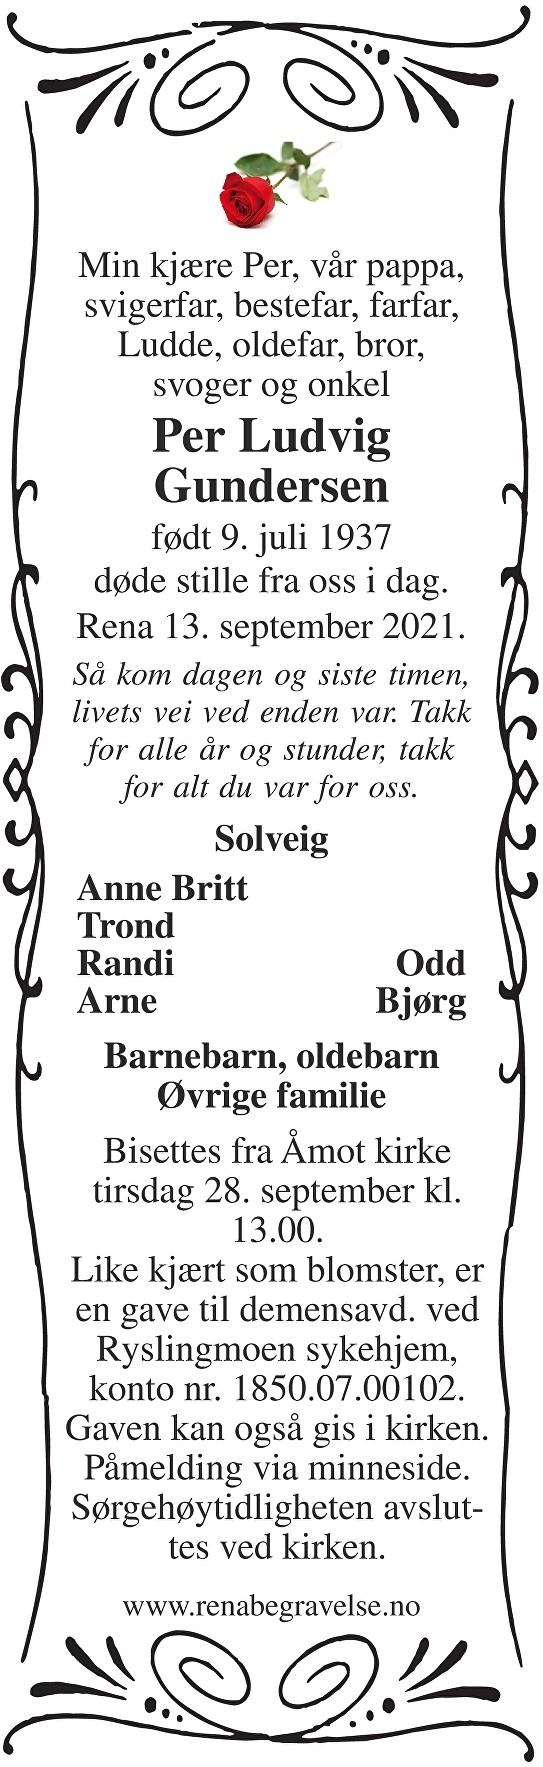 Per Ludvig Gundersen Dødsannonse